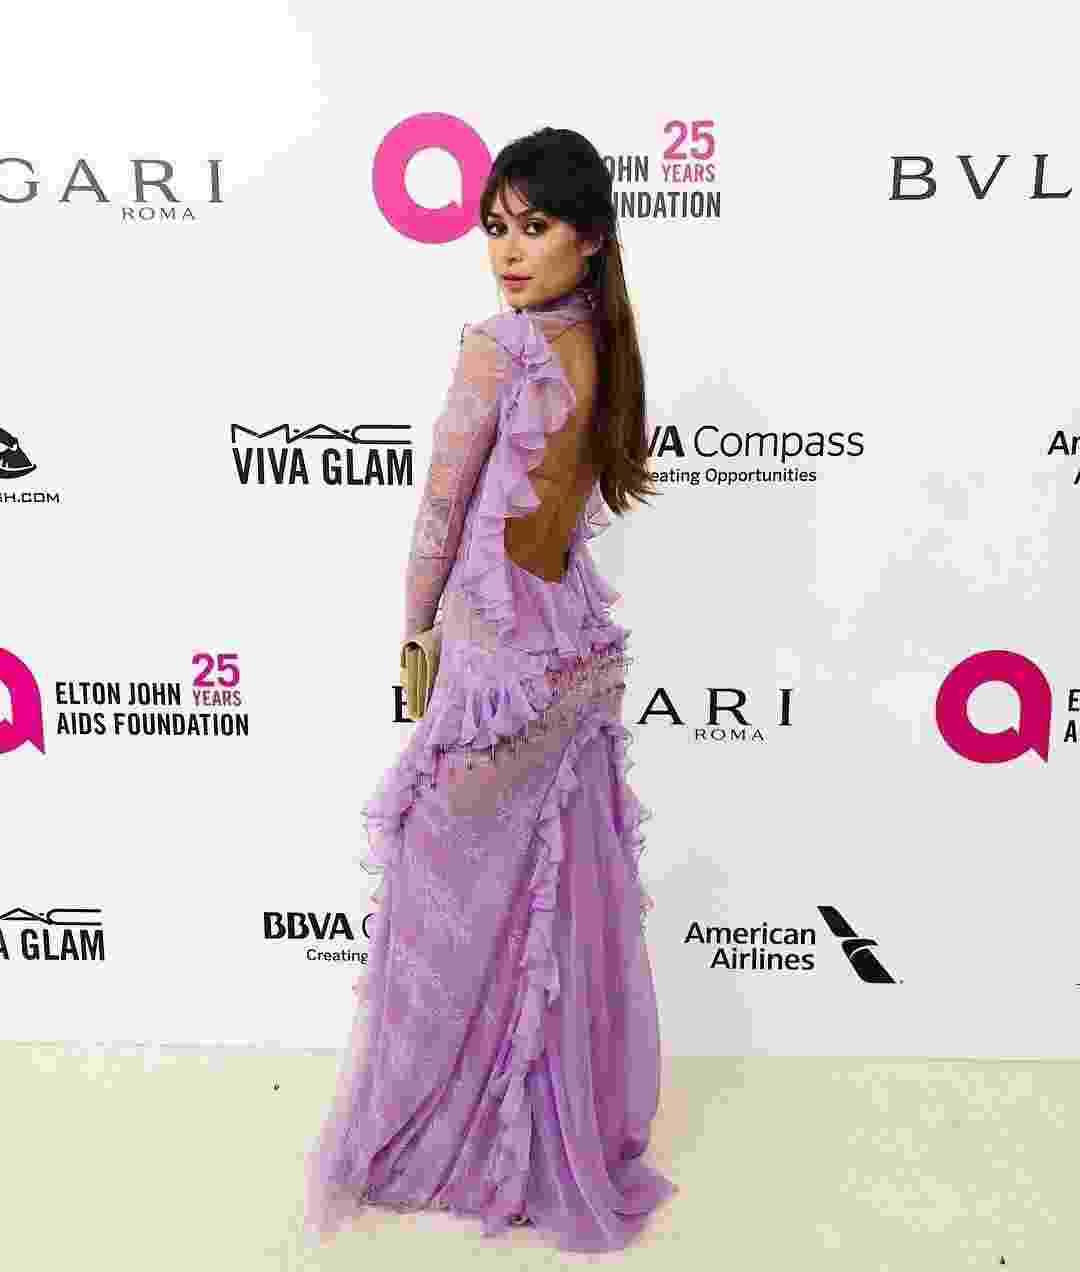 Thaila Ayala participa de festa paralela ao Oscar, nos EUA com look Le Lis Blanc. O baile Elton John AIDS Foundation Academy Award Party é encabeçado pelo cantor para arrecadar fundos para o combate à doença - Reprodução/Instagram/lelisblanc